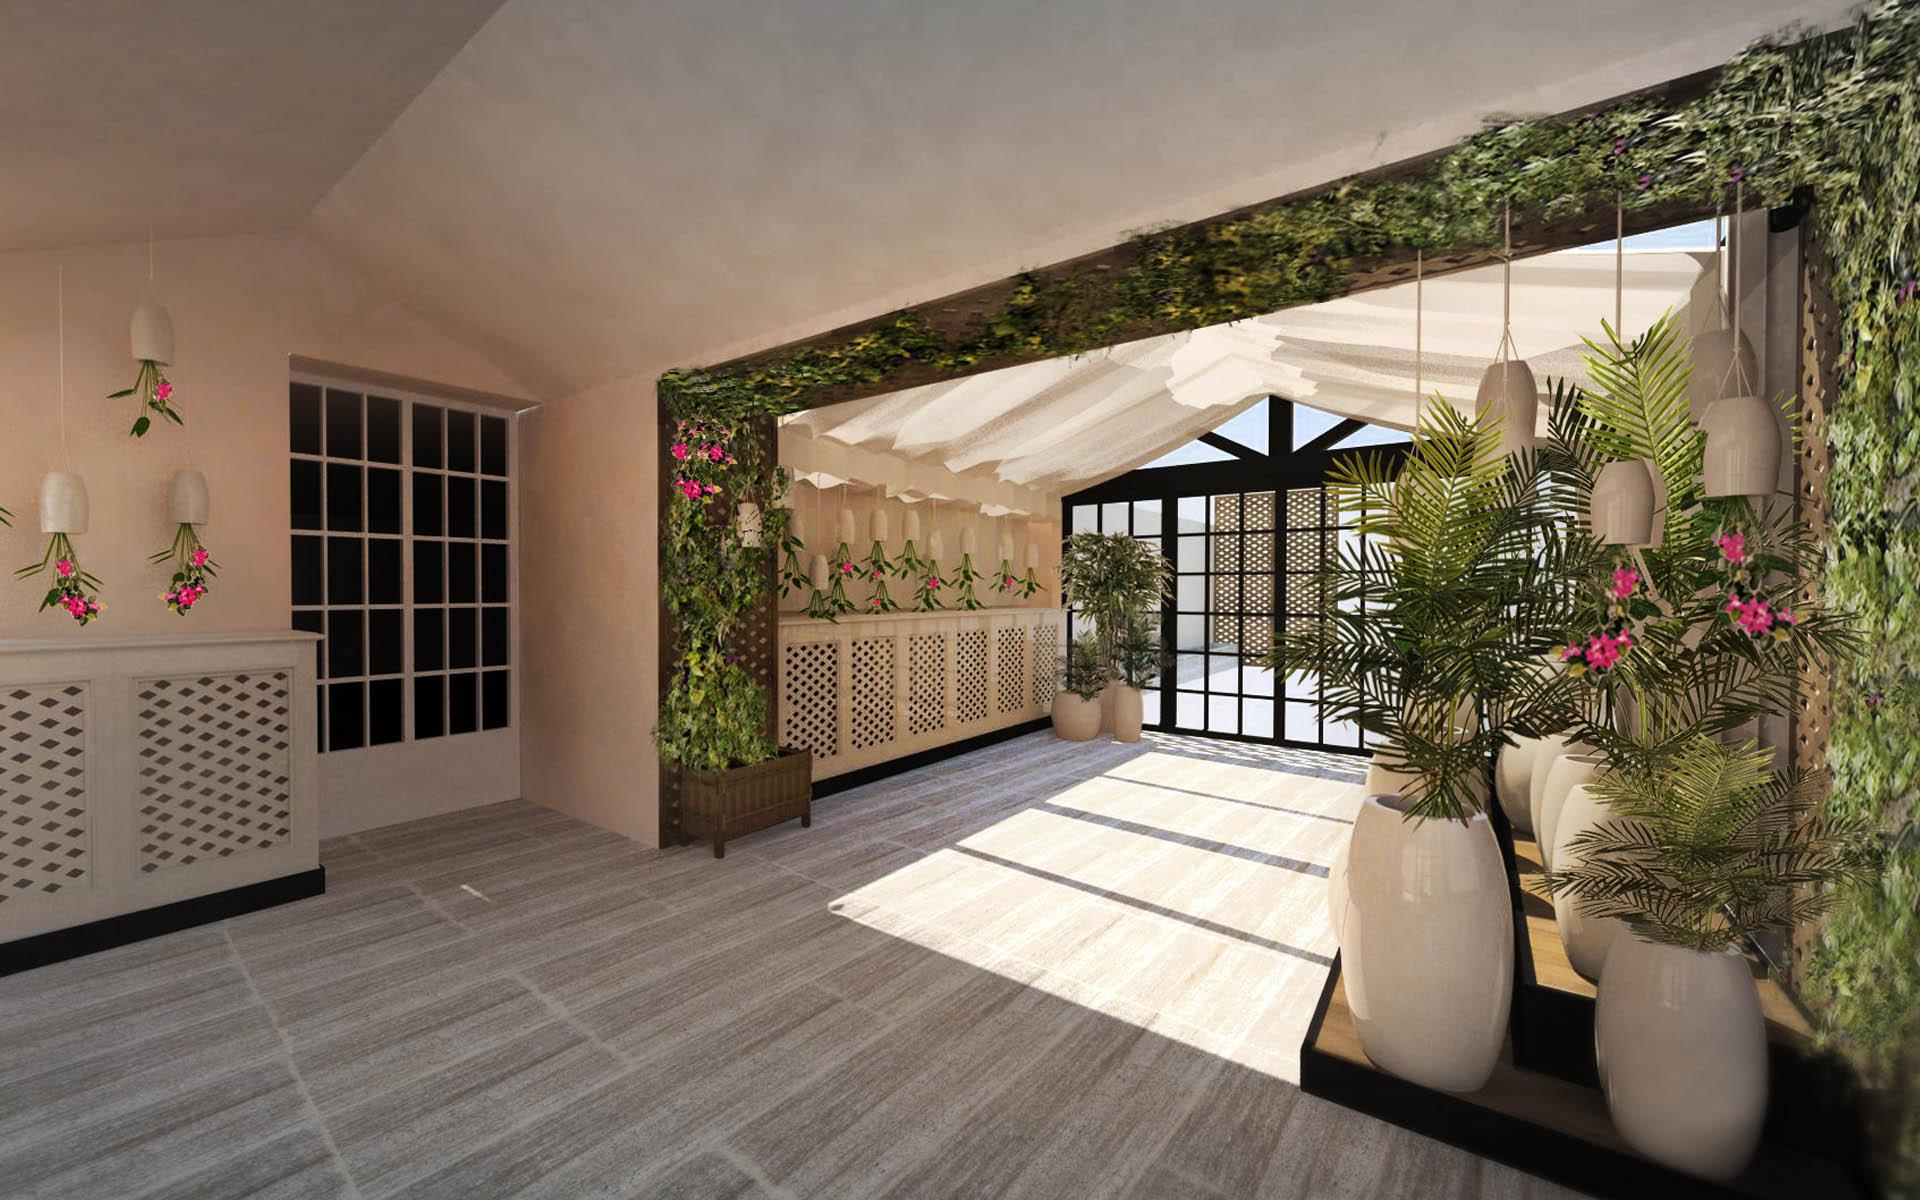 Architecte intérieur Hotel - Aix en provence 16